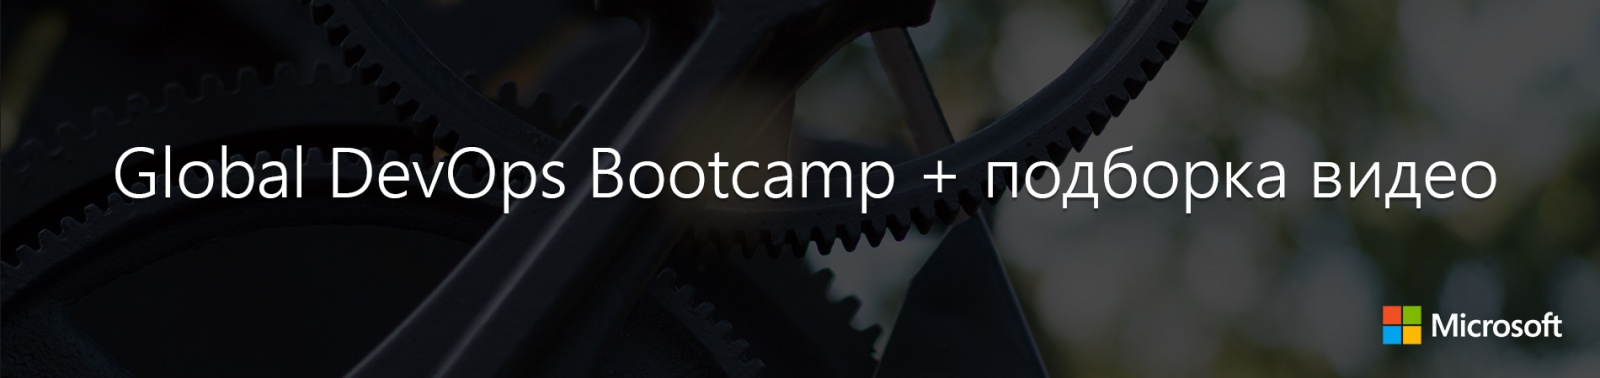 Global DevOps Bootcamp + подборка видео - 1